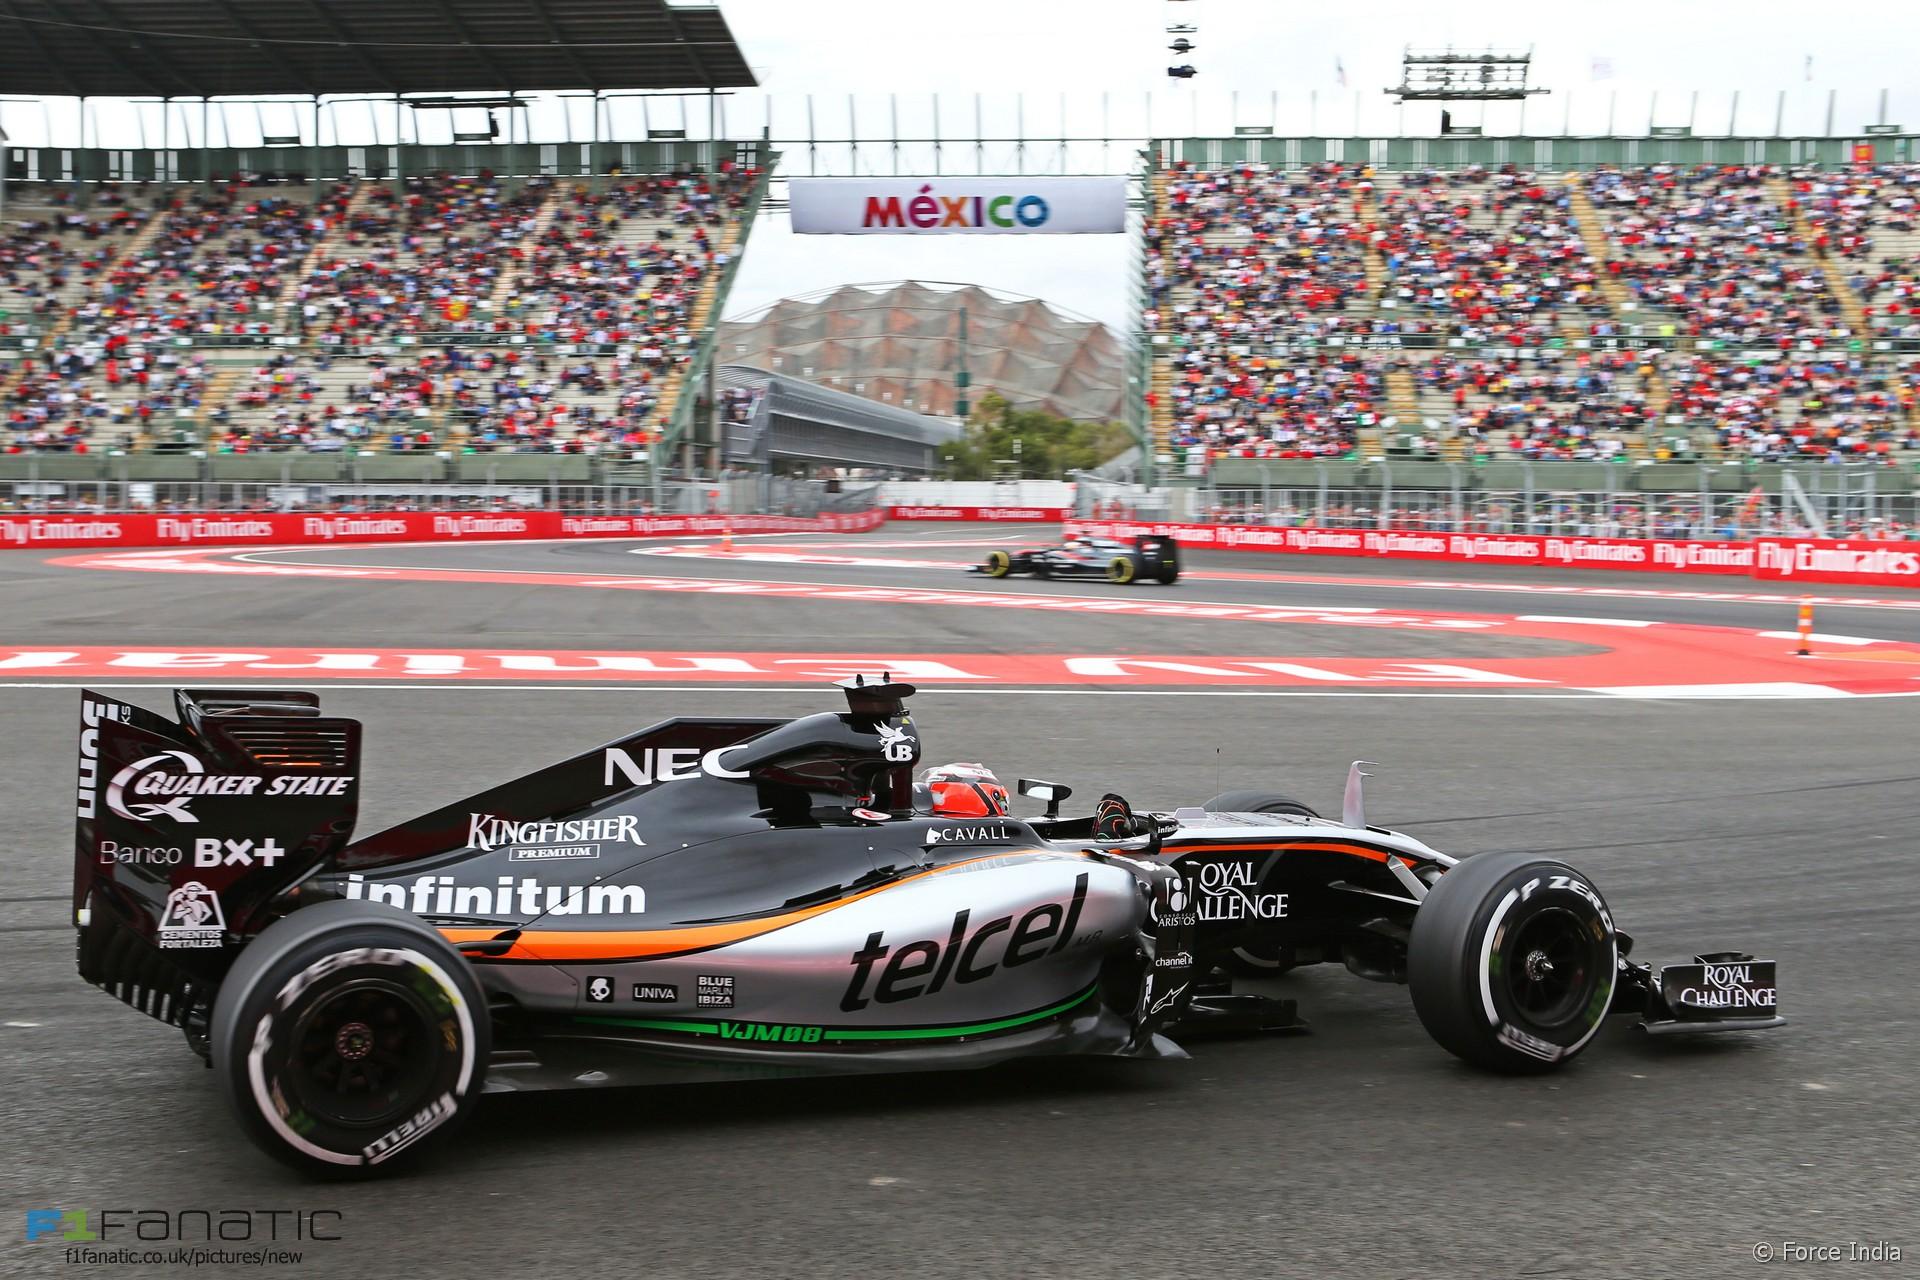 Nico Hulkenberg, Force India, Autodromo Hermanos Rodriguez, 2015